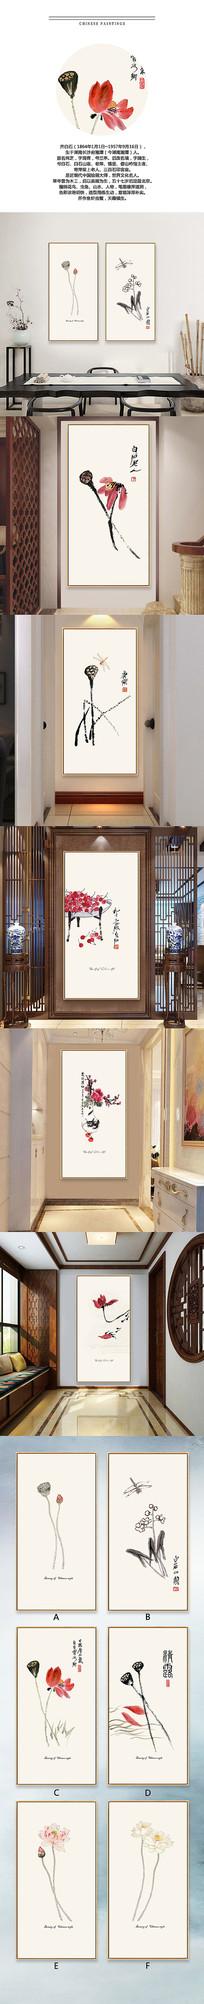 水墨花朵装饰画淘宝设计